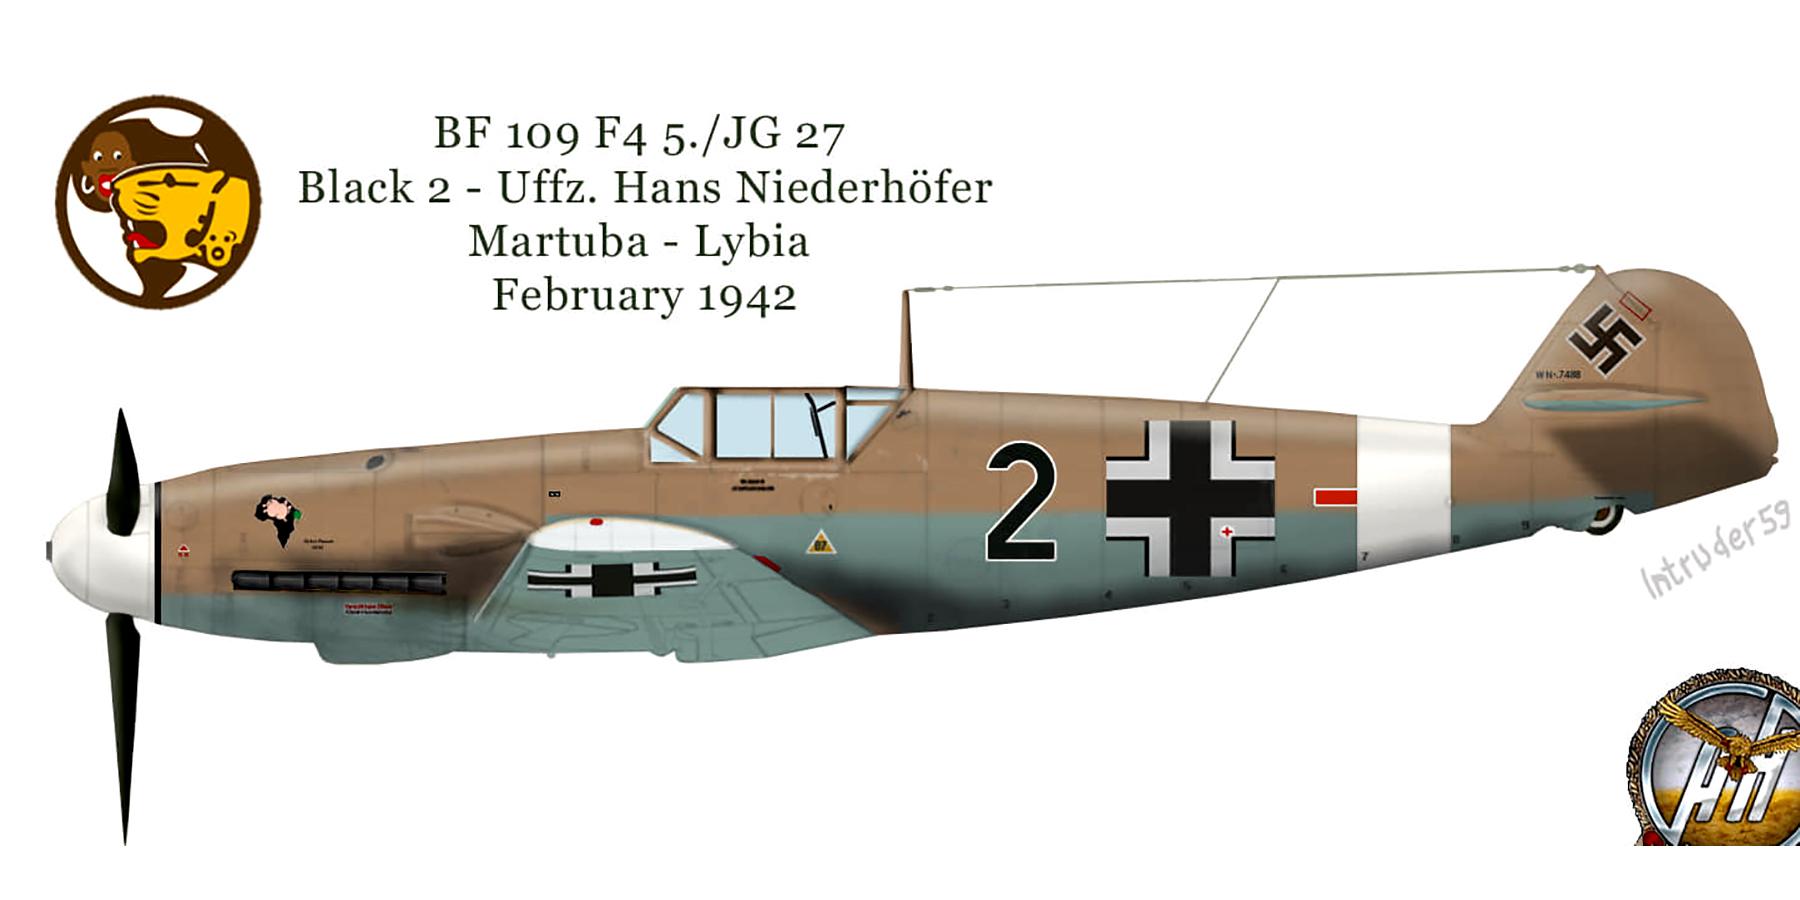 Messerschmitt Bf 109F4Trop 5.JG27 Black 2 Hans Neiderhofer Martuba Lybia Feb 1942 0A